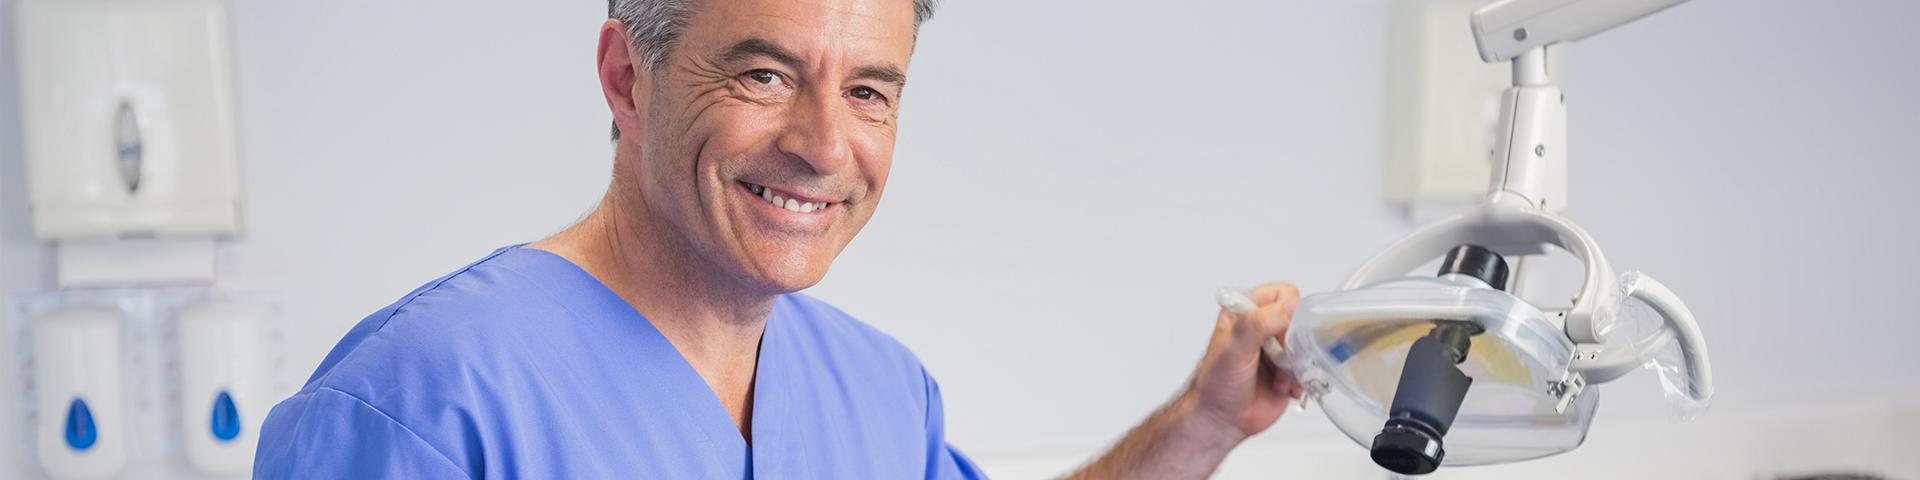 Zahnarzt in Zahnarztpraxis